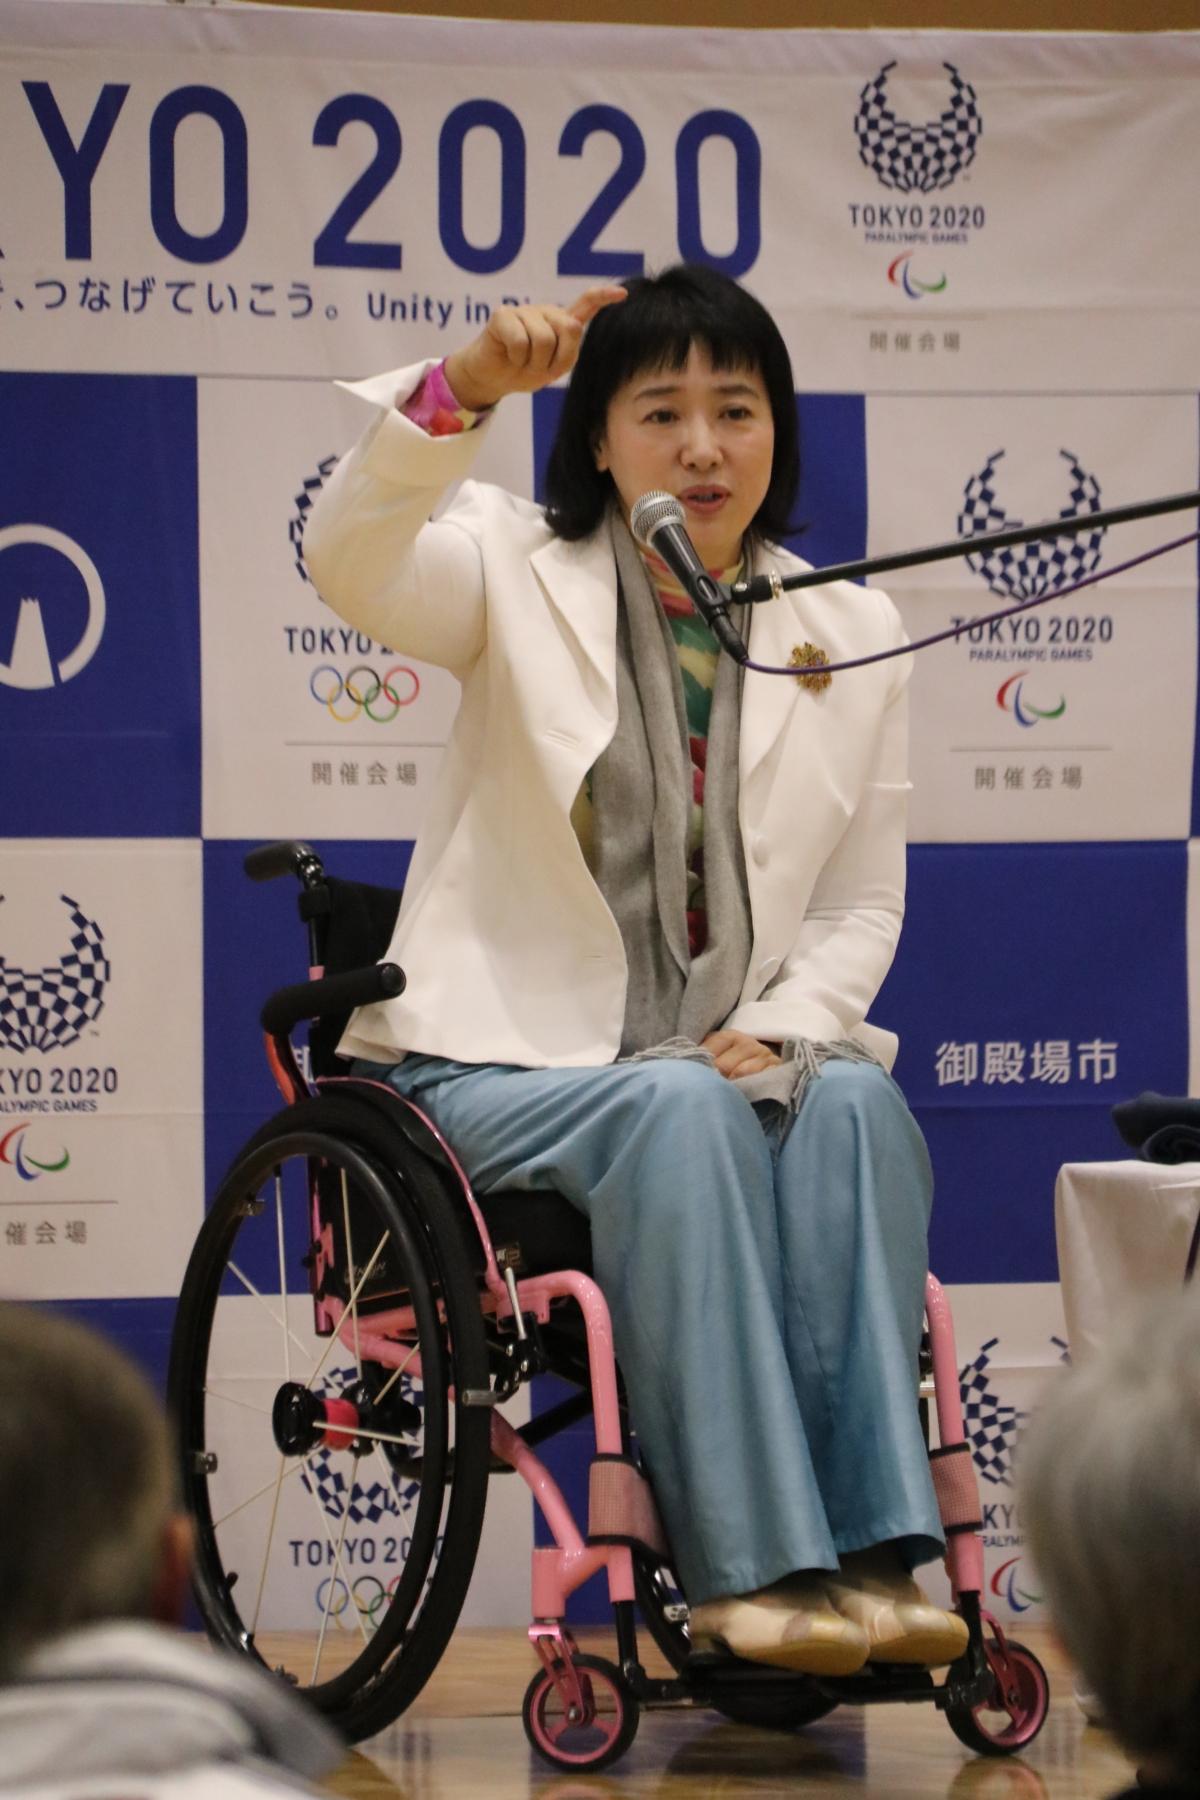 東京2020大会までにもっとよく知ろうパラスポーツと障がいのこと